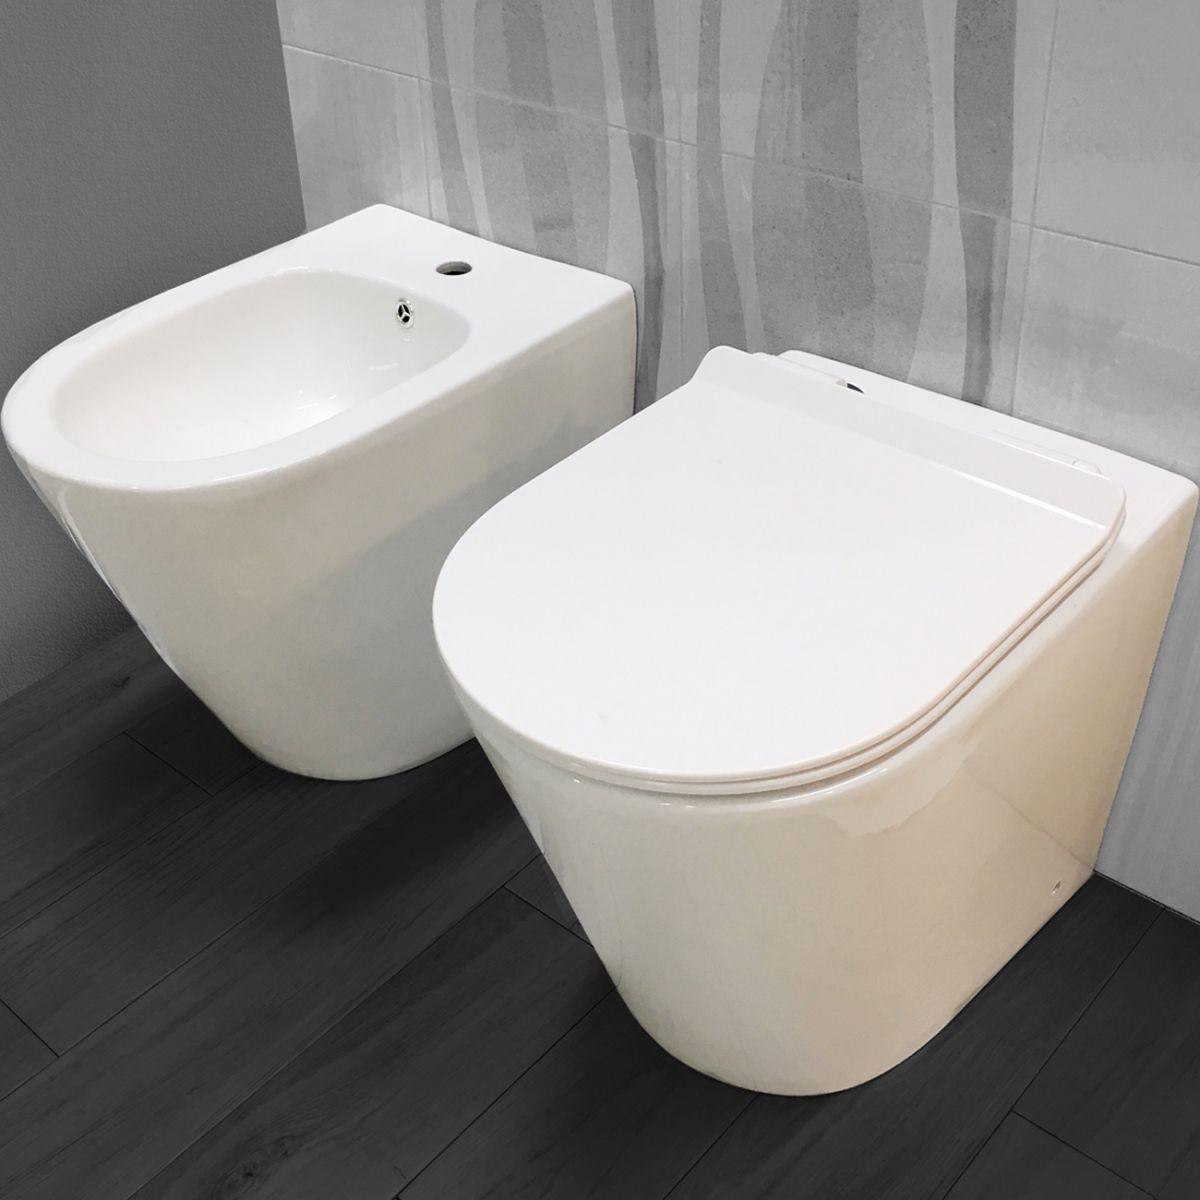 chic sanitari filo muro 2 Sanitari filo muro Chic in ceramica Rimless Vaso+Bidet+Coprivaso Soft Close